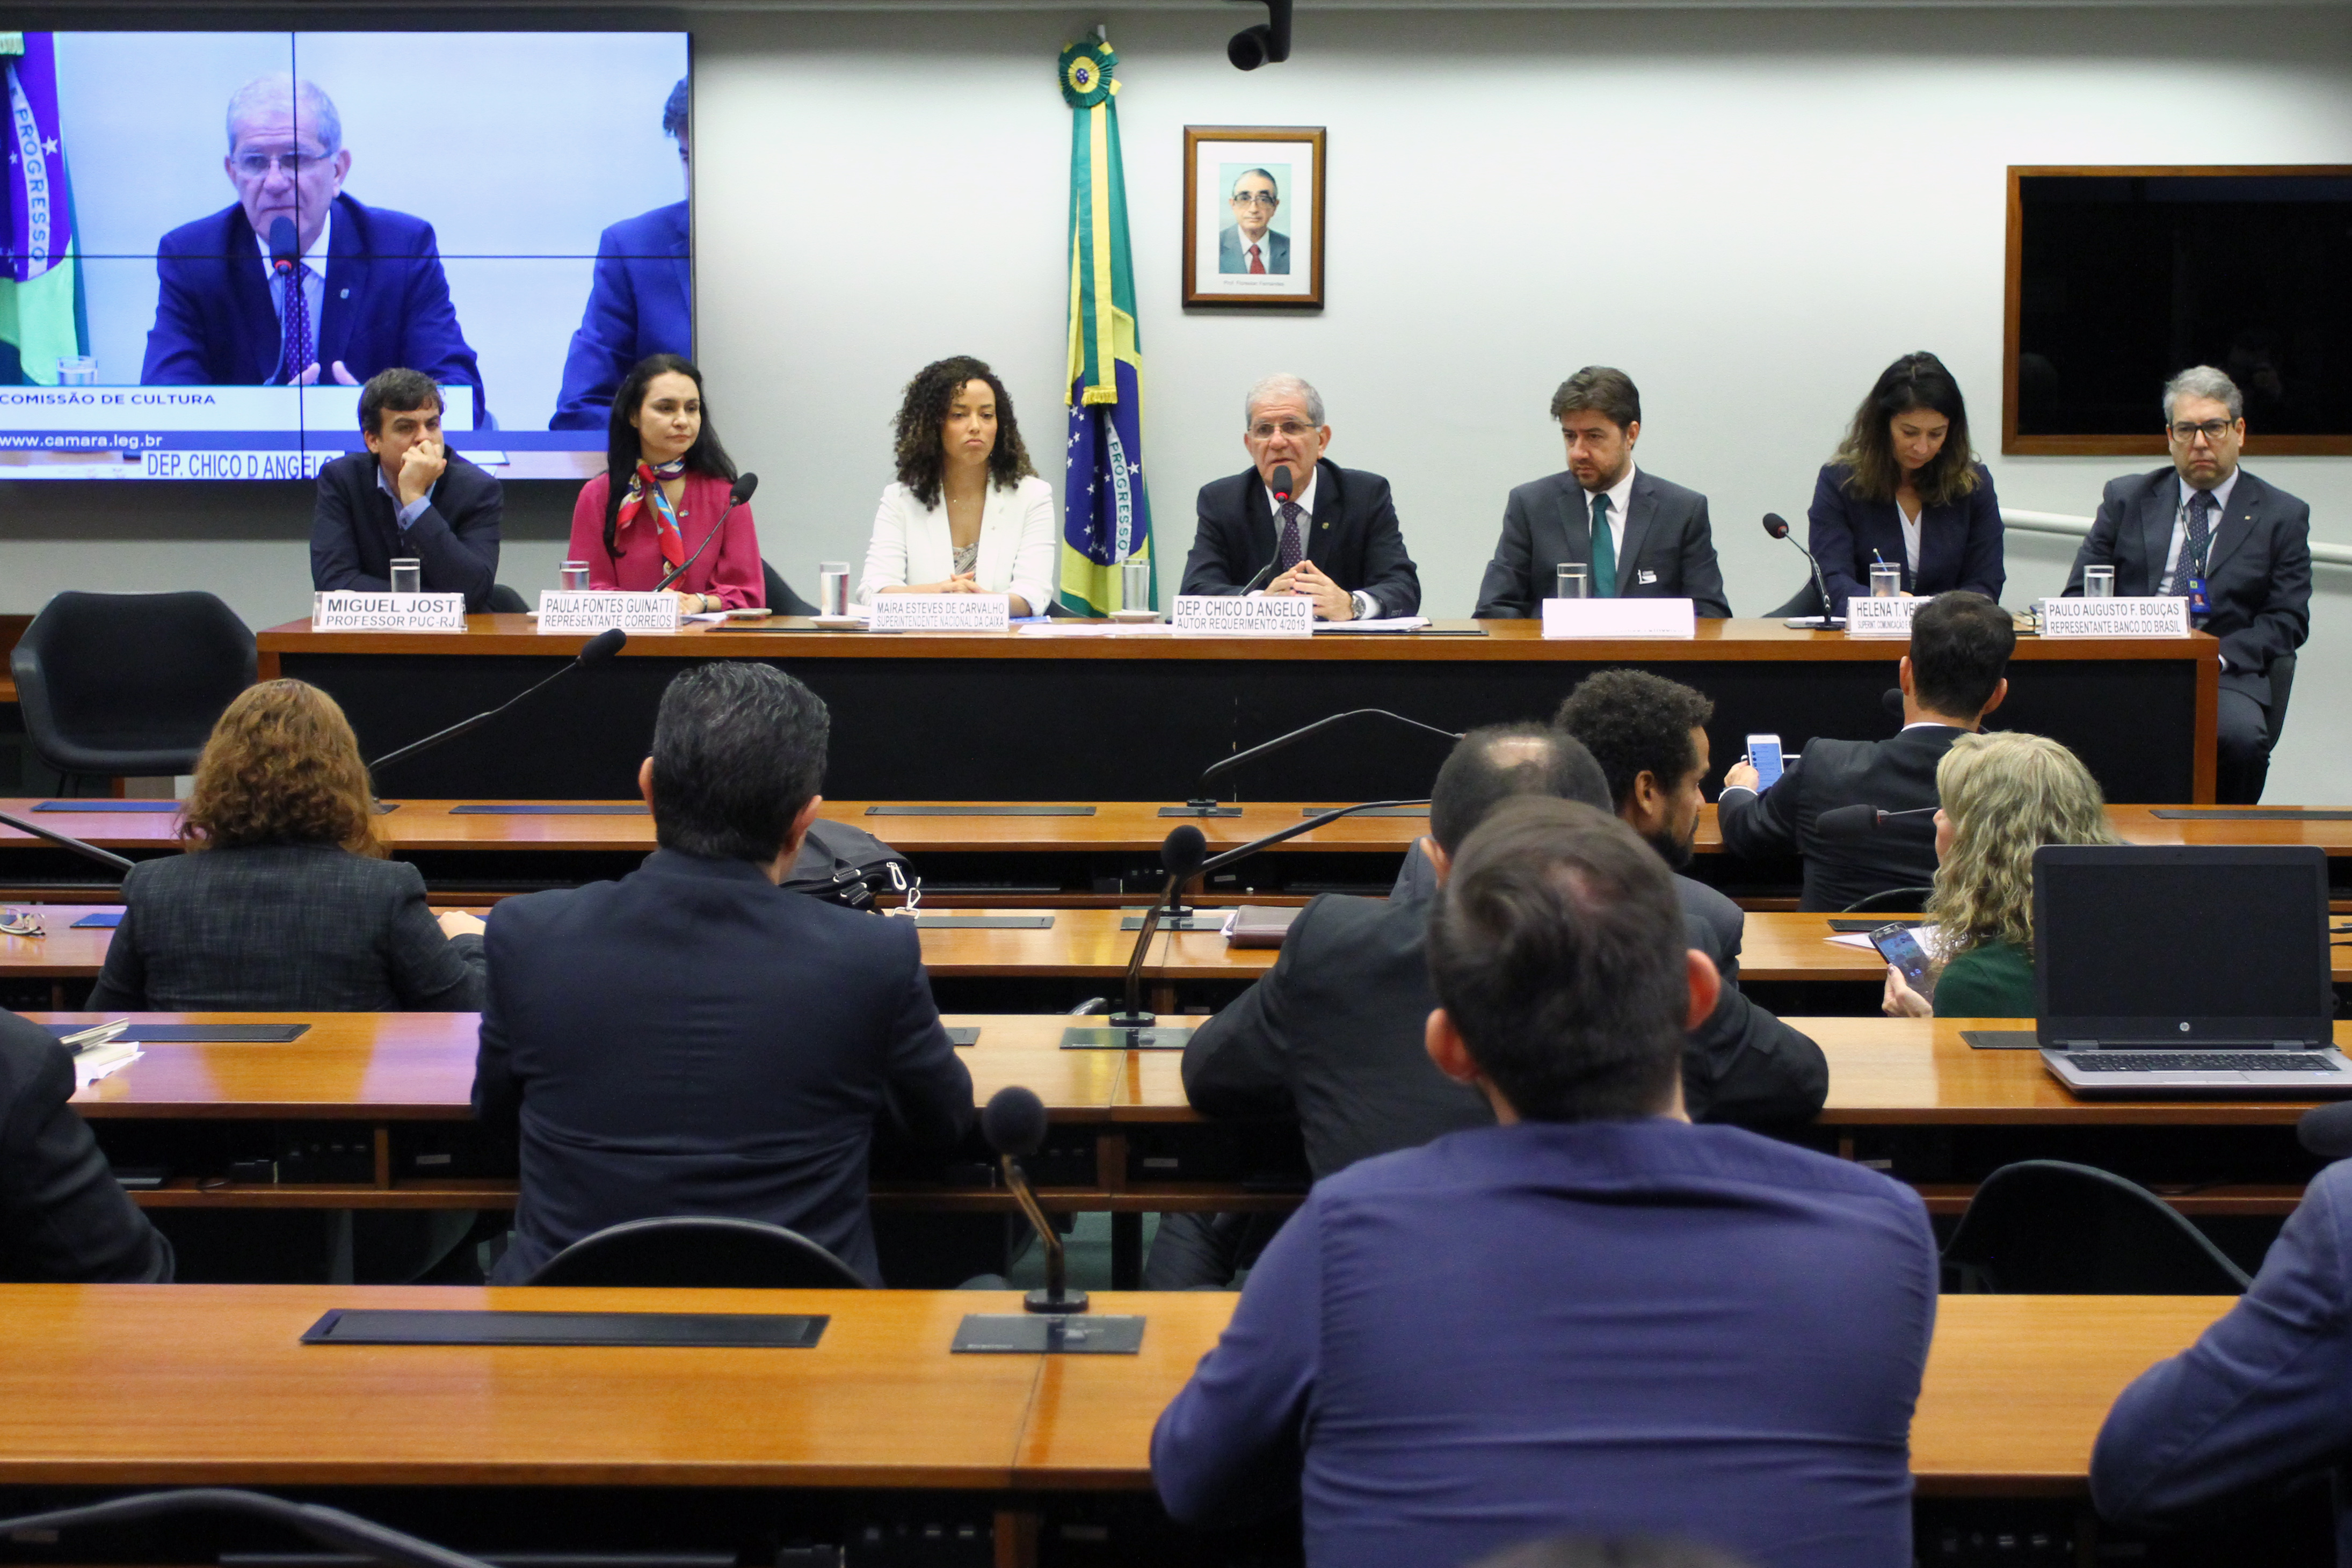 Audiência pública sobre a nova política de patrocínio da CEF, BB, BNDES, Petrobrás e Correios na área da Cultura